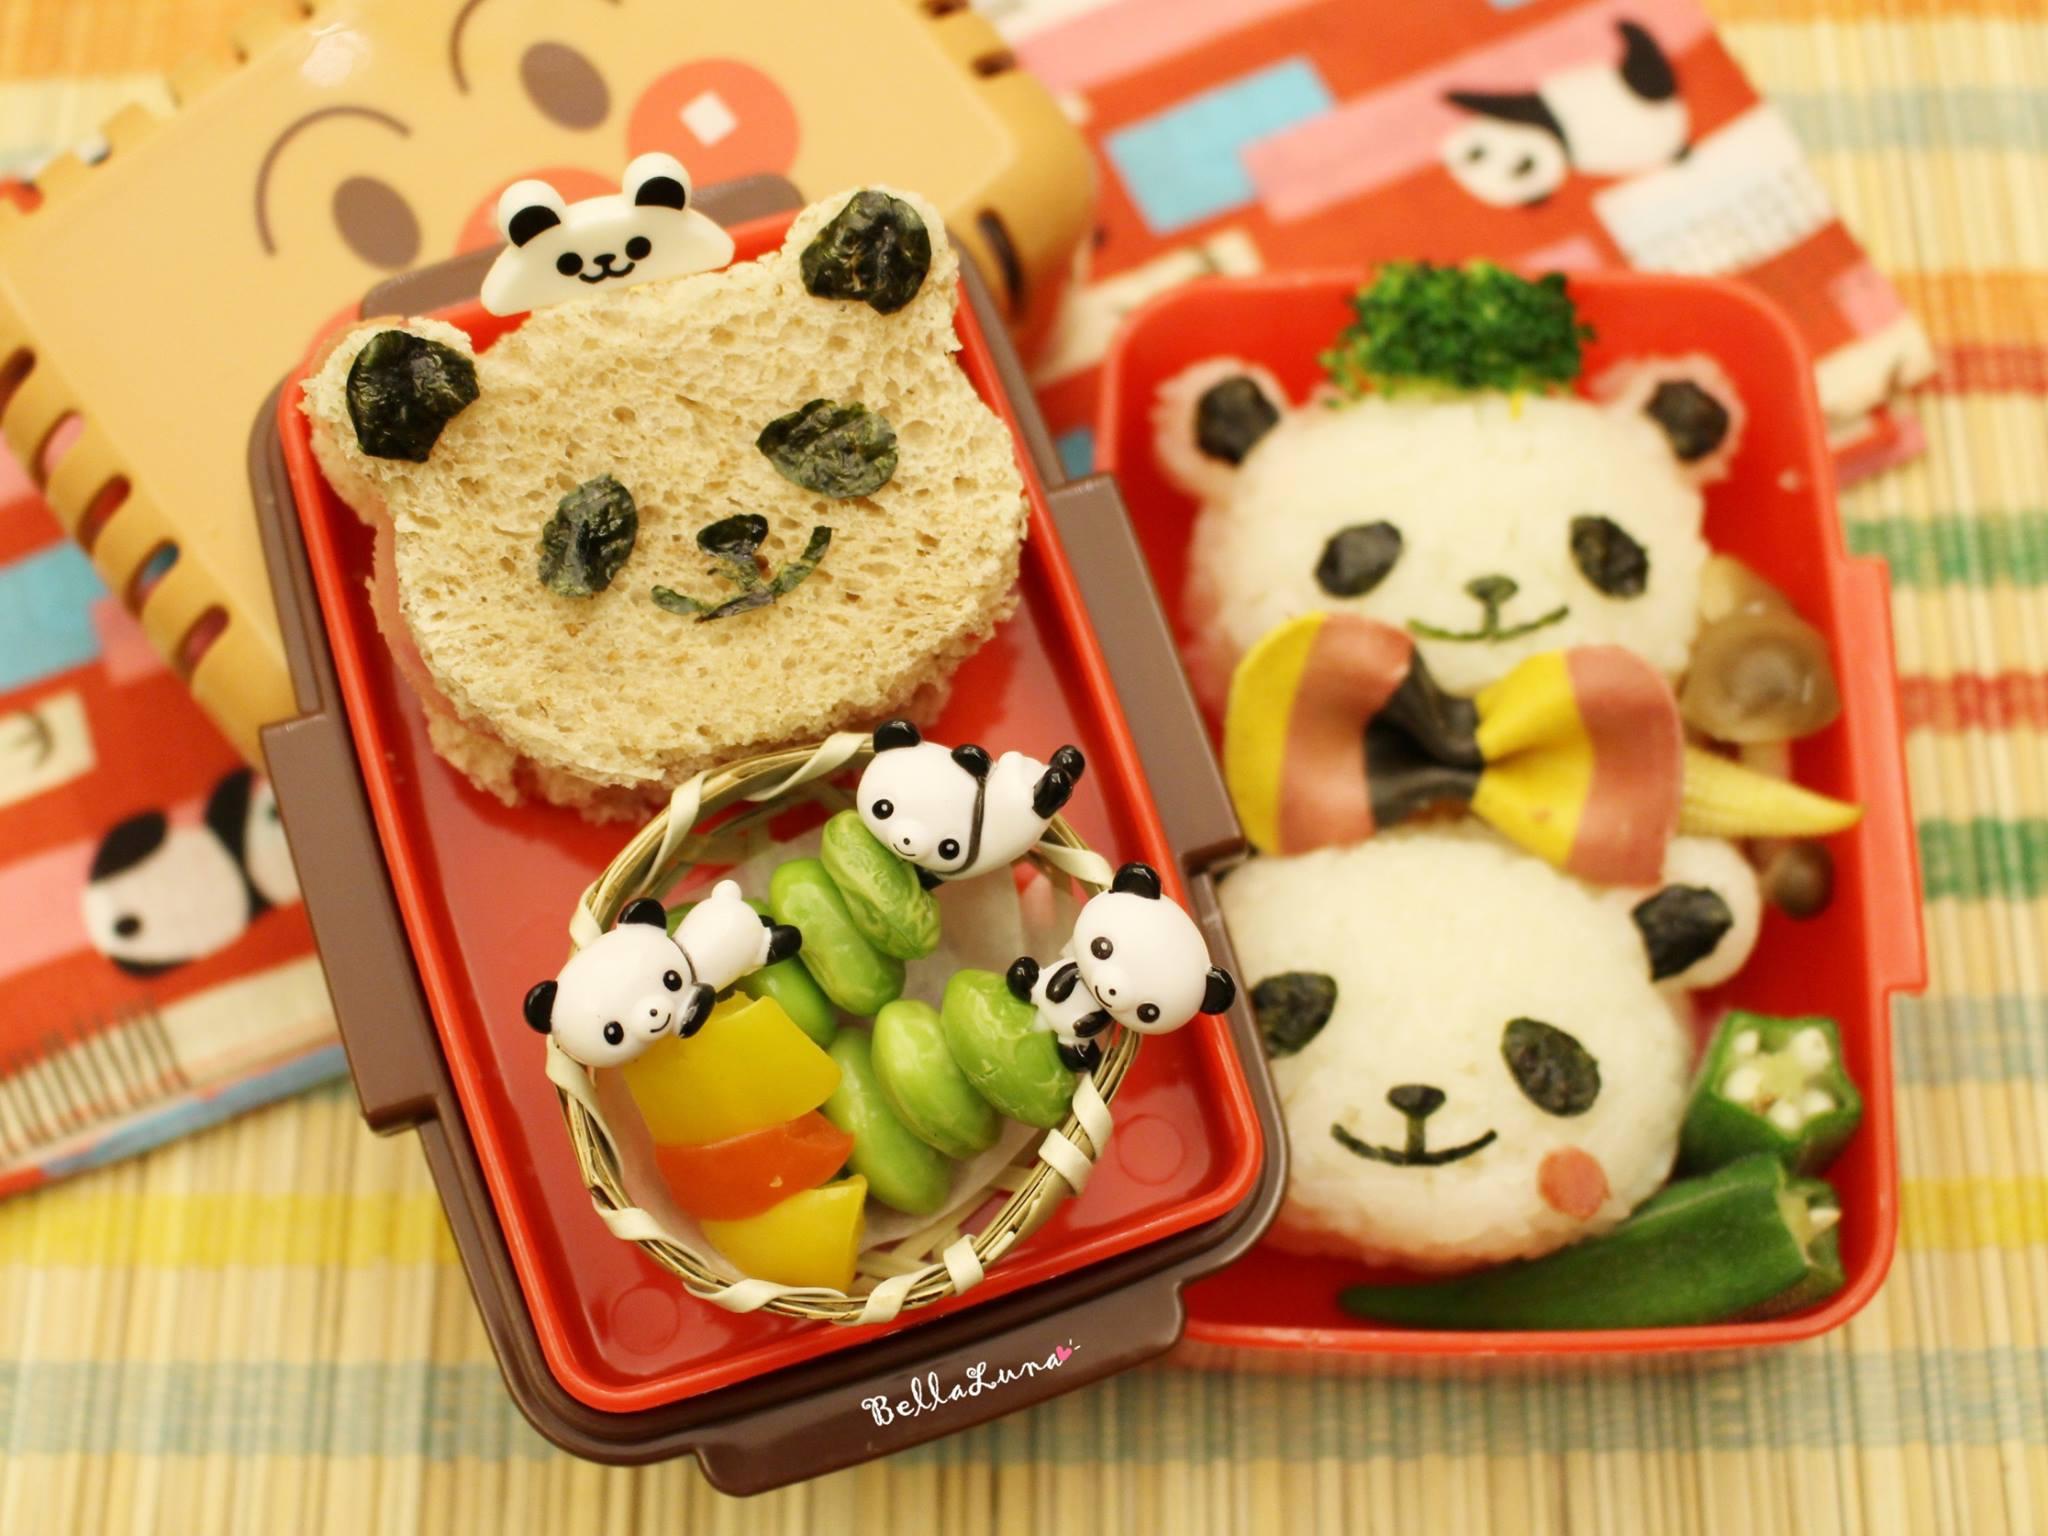 熊貓便當 18.jpg